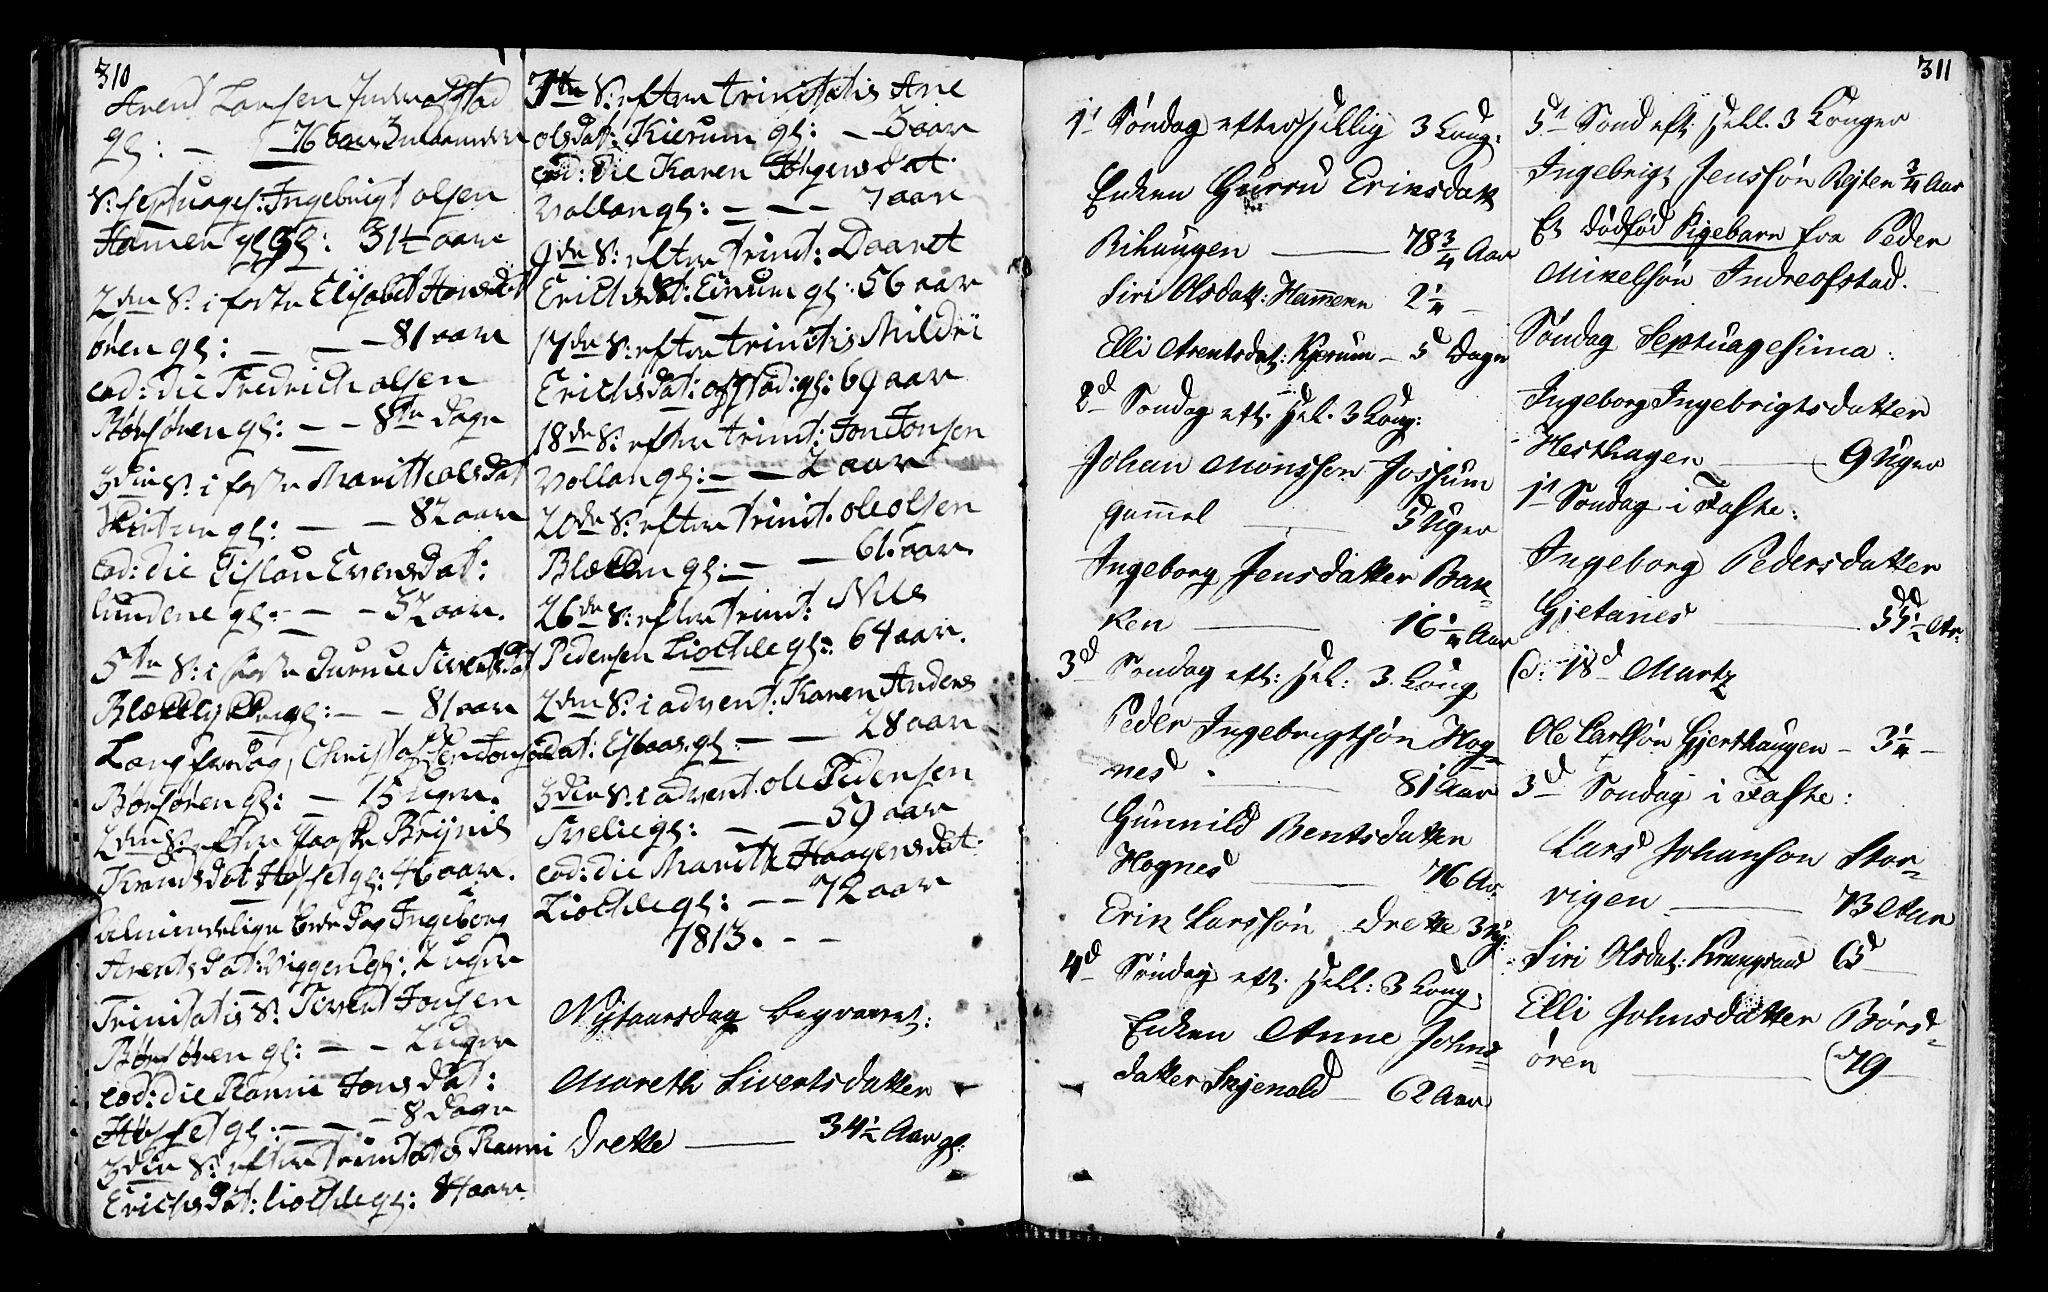 SAT, Ministerialprotokoller, klokkerbøker og fødselsregistre - Sør-Trøndelag, 665/L0769: Ministerialbok nr. 665A04, 1803-1816, s. 310-311